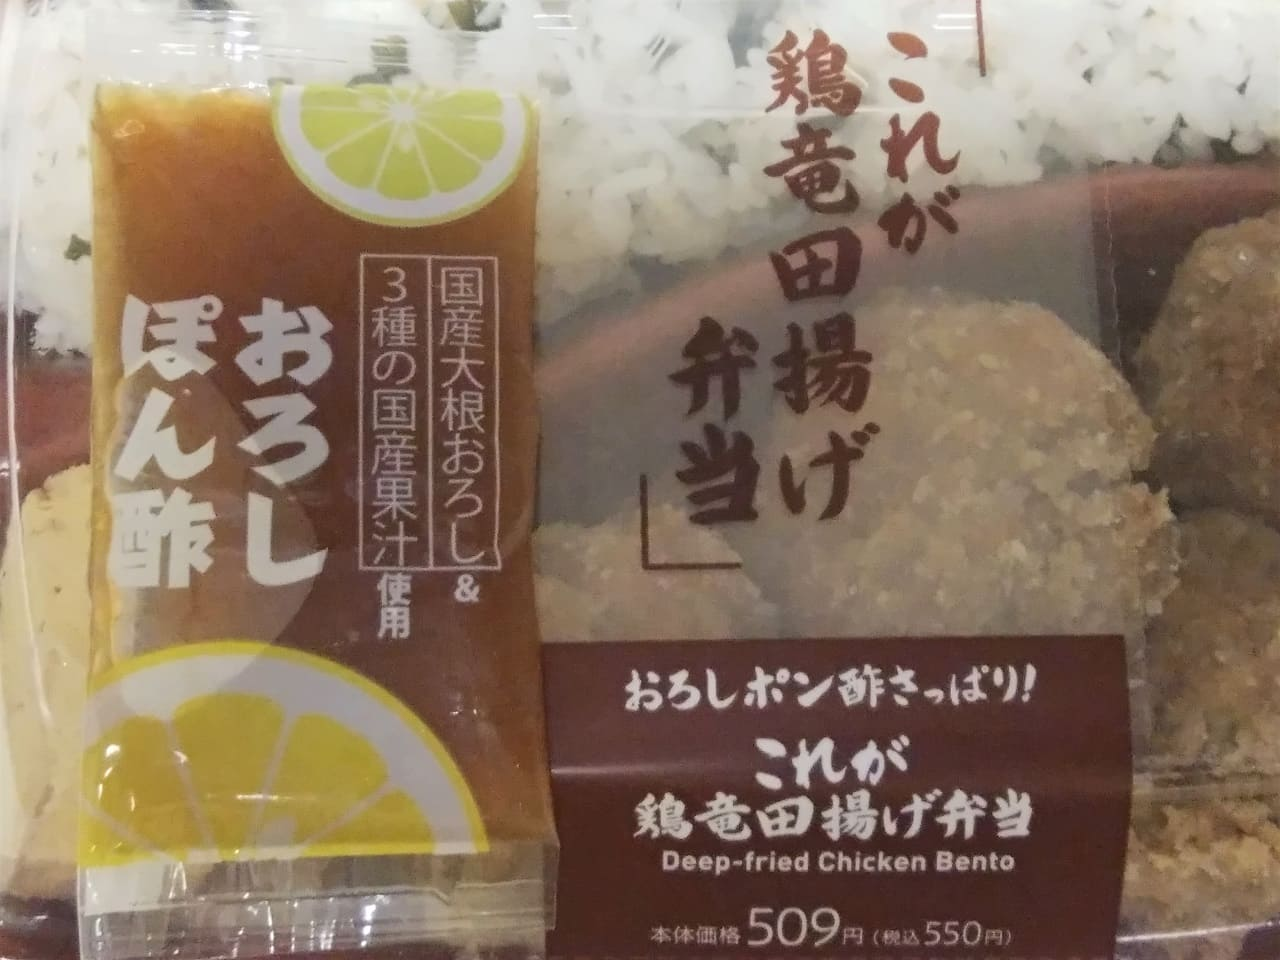 鶏竜田揚げ弁当のパッケージにおろしポン酢